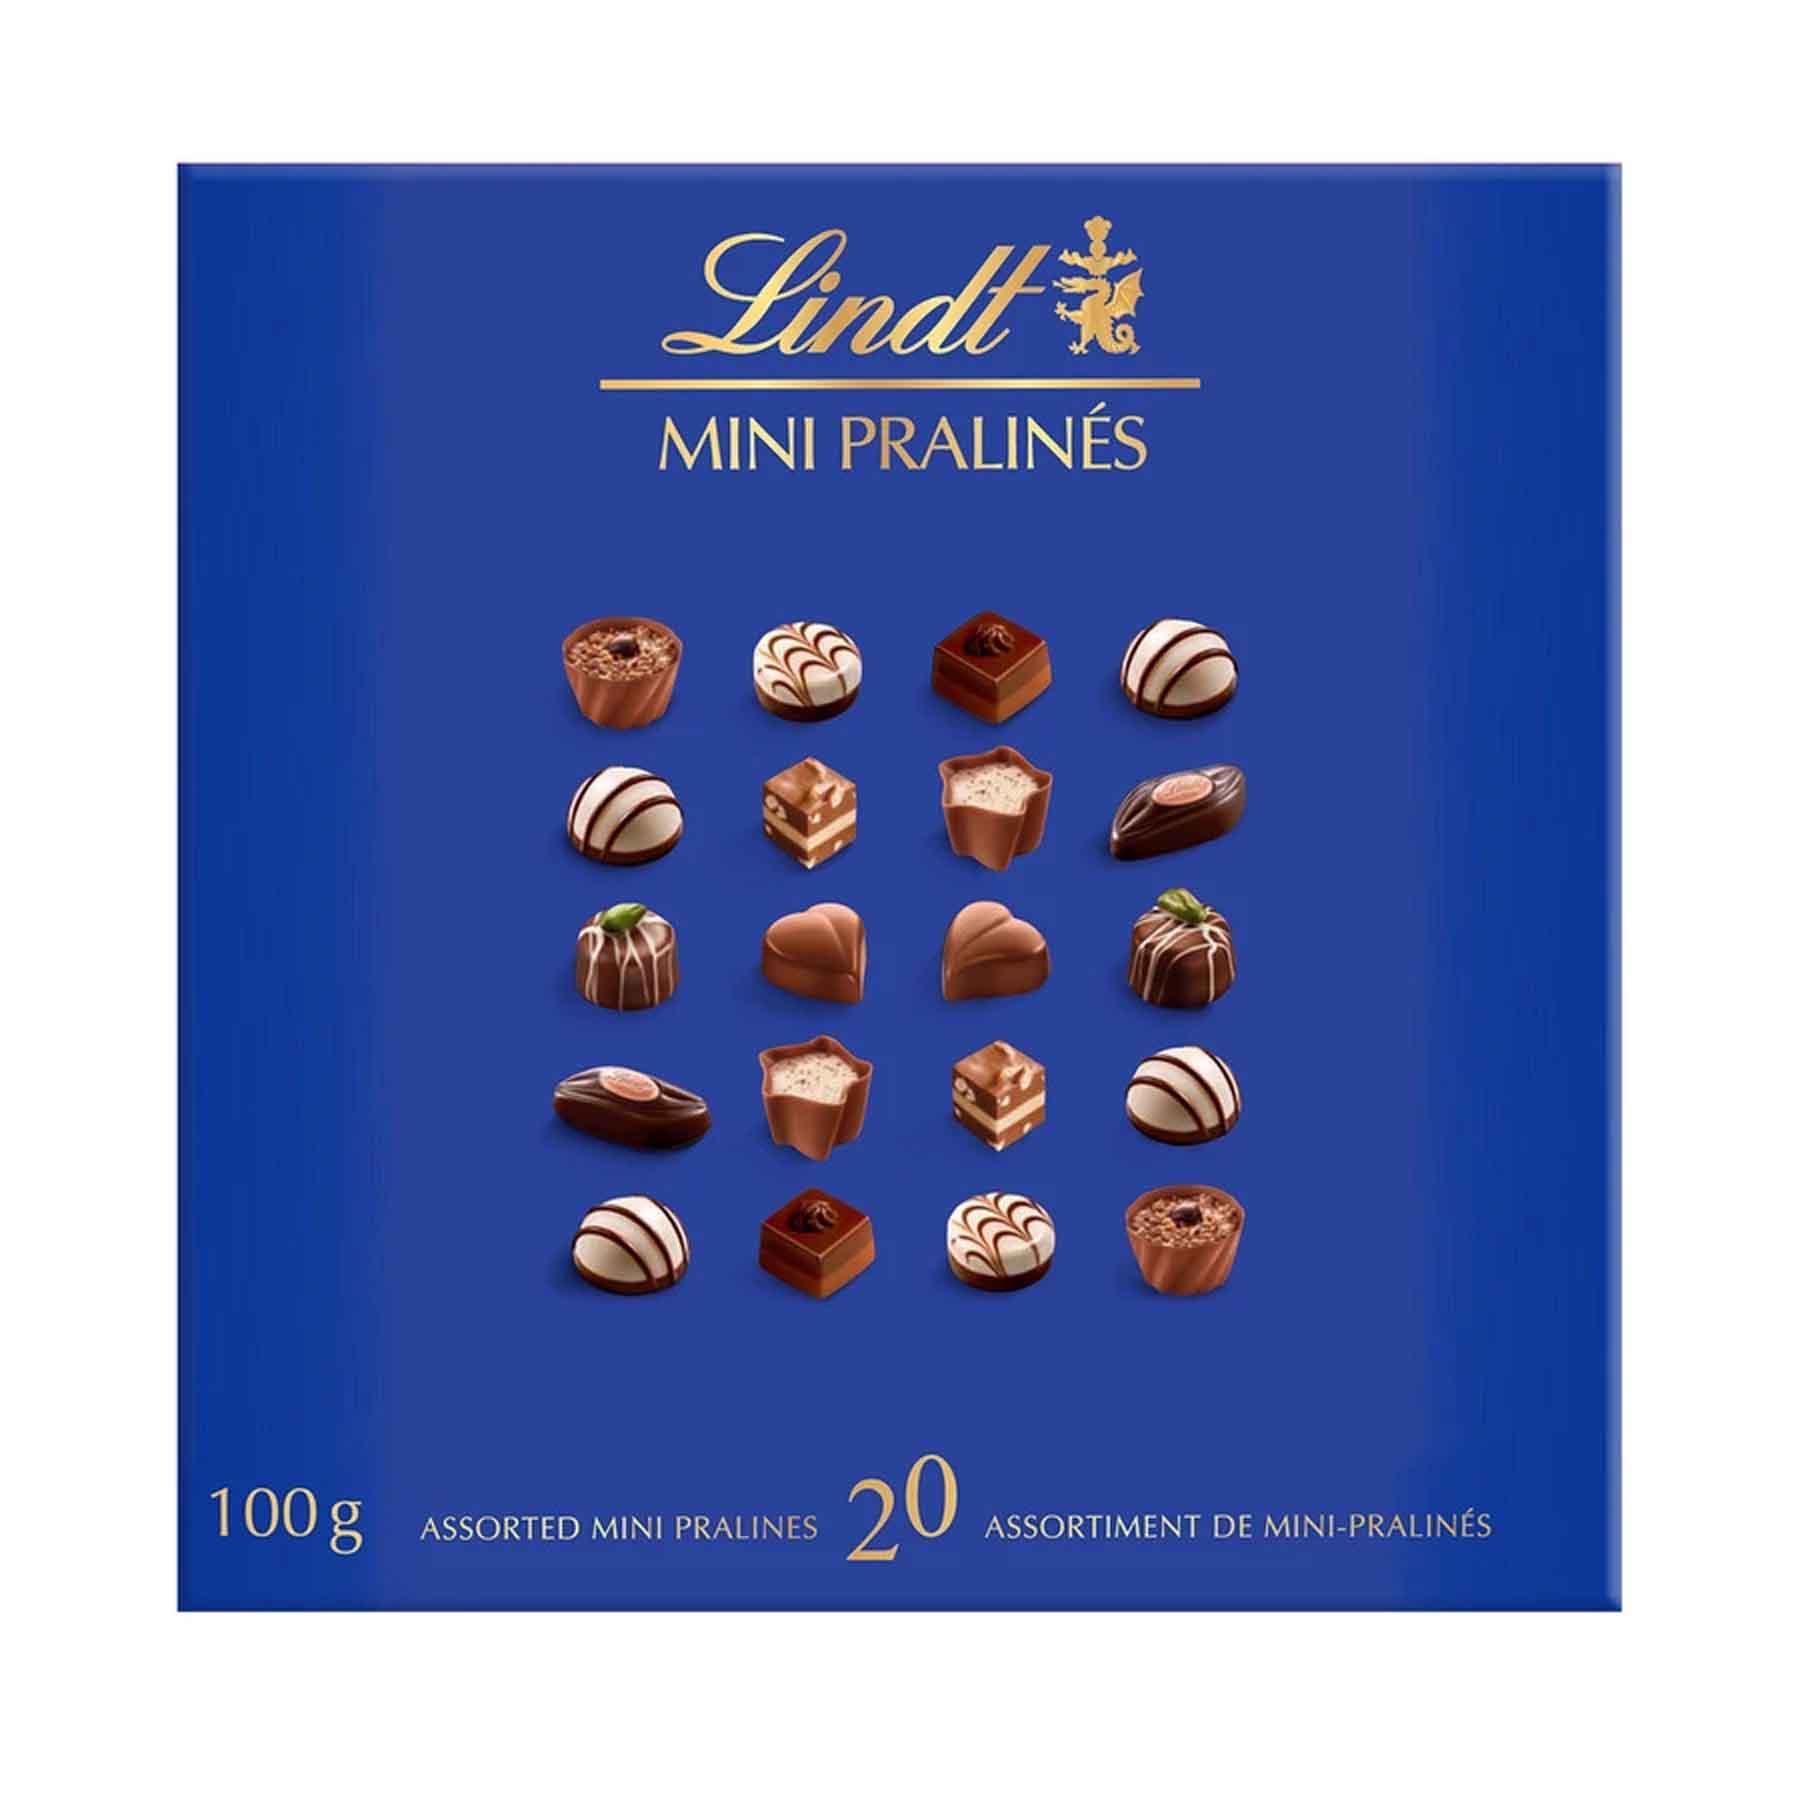 Caixa Chocolates Lindt Pralines Azul/Rosa 100g cada